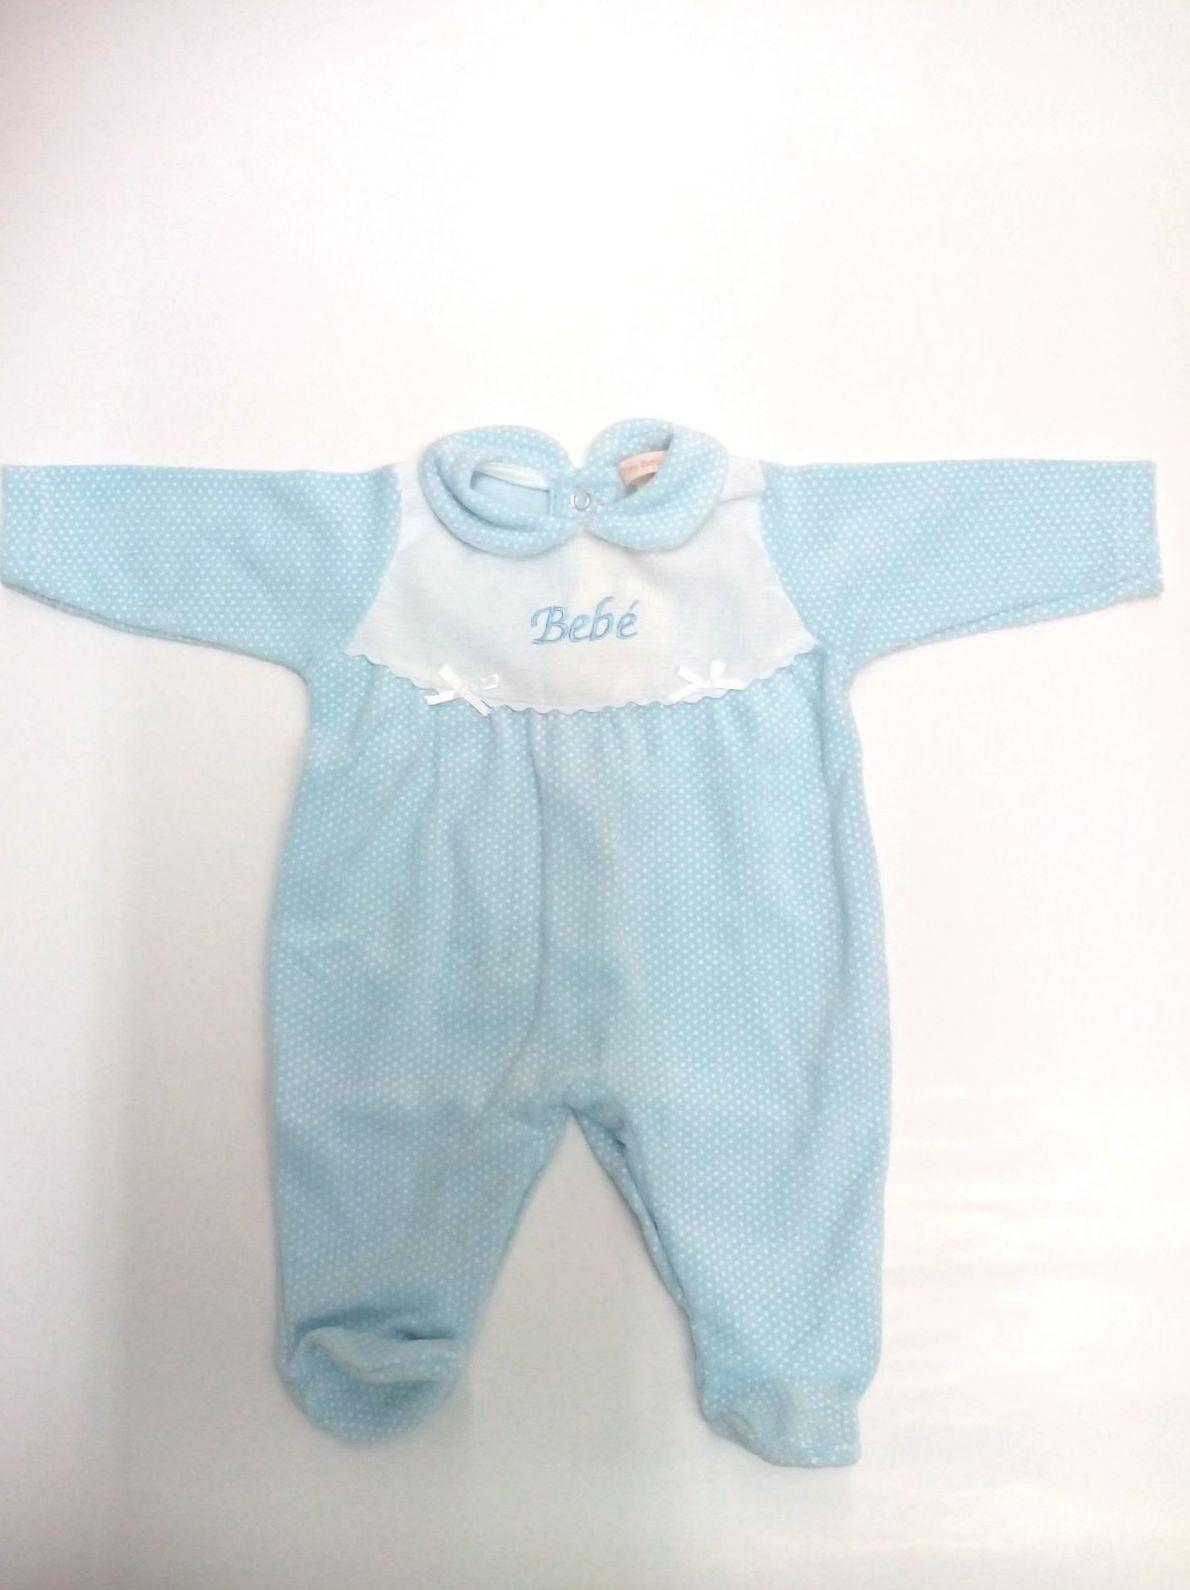 Pijama bebé azul Bebé de Popys